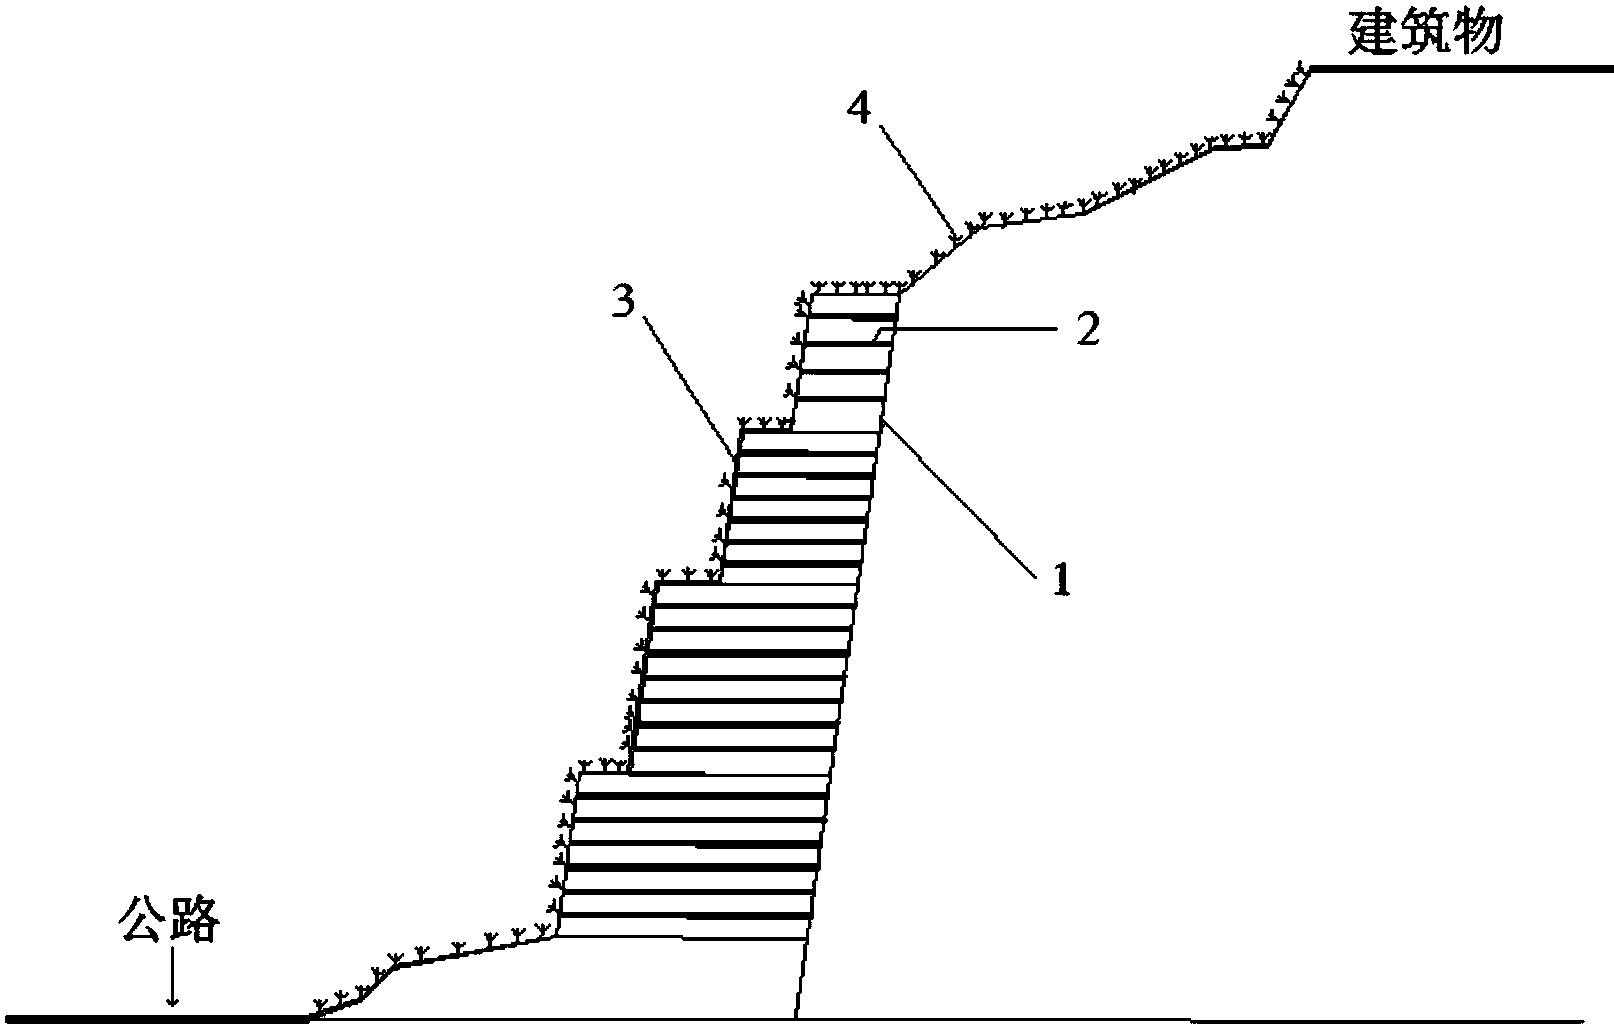 植物脲酶-秸秆-种植相结合的生态护坡结构及护坡方法